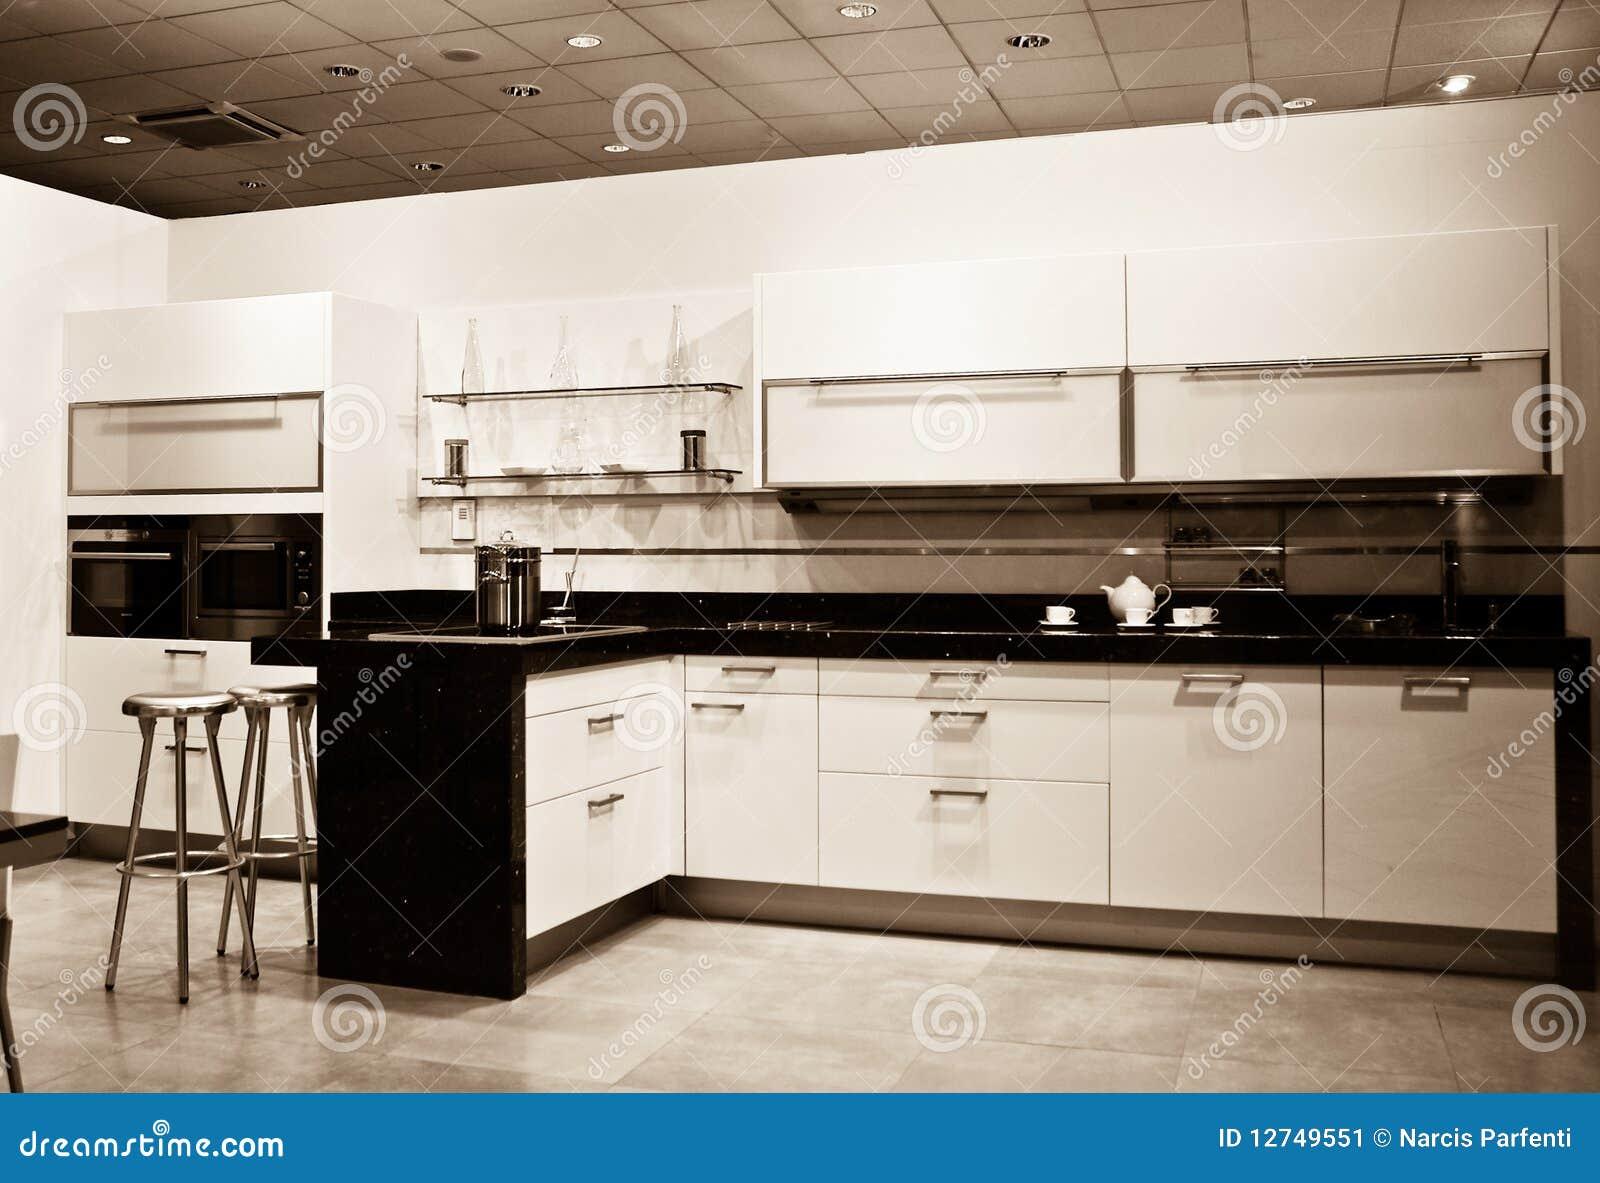 Cozinha Nova Tiro Do Sepia Imagem de Stock Imagem: 12749551 #85A922 1300 978